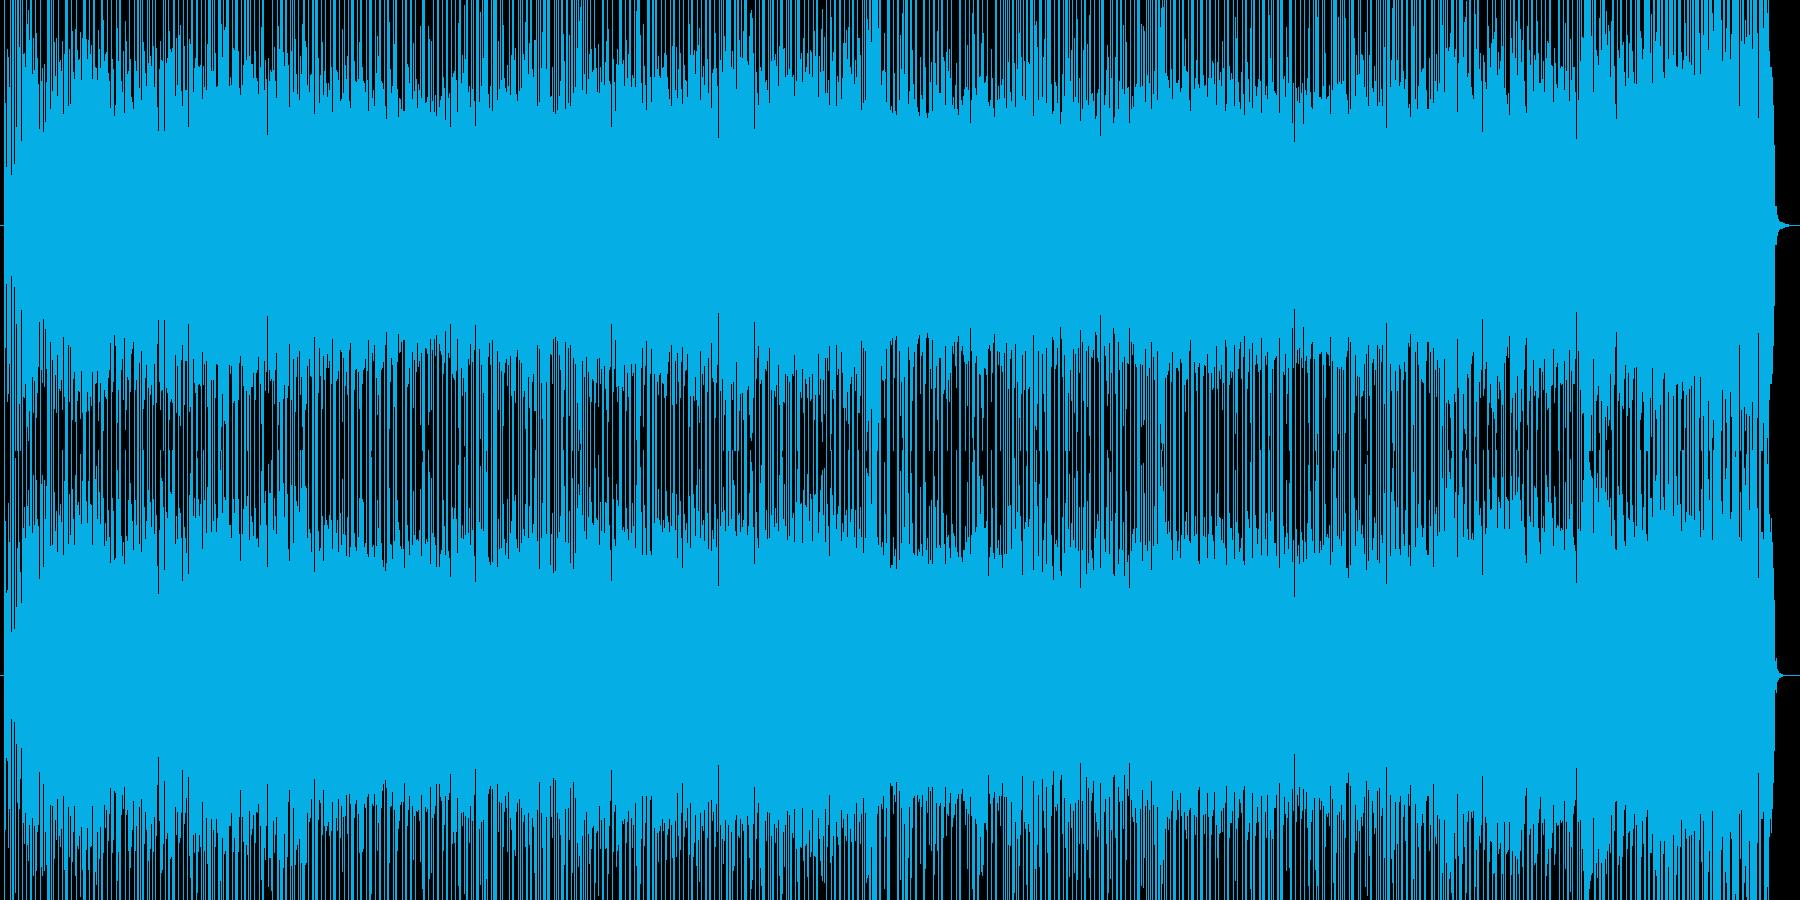 軽快でノリノリのライトフュージョンです。の再生済みの波形